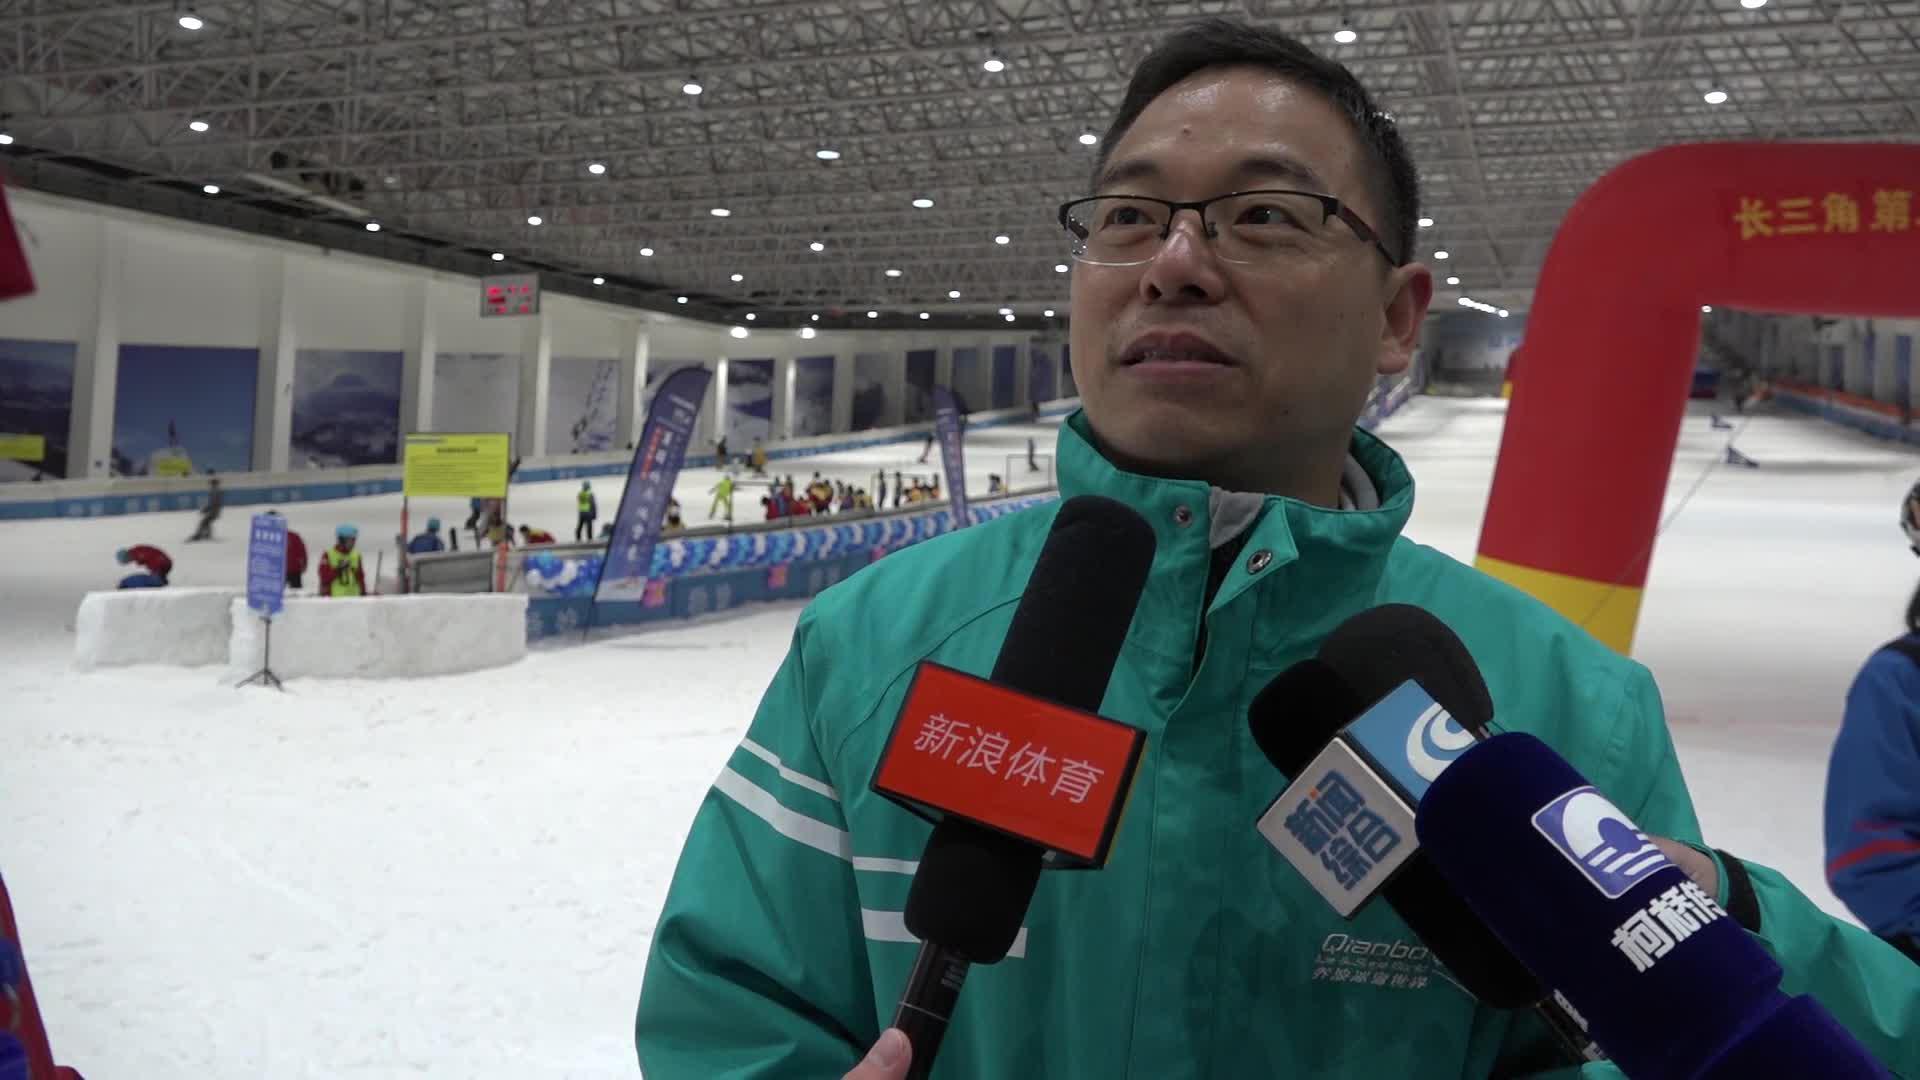 视频-绍兴柯桥区文旅局副局长吴炎标:冰雪旅游结合提高全民体育素质